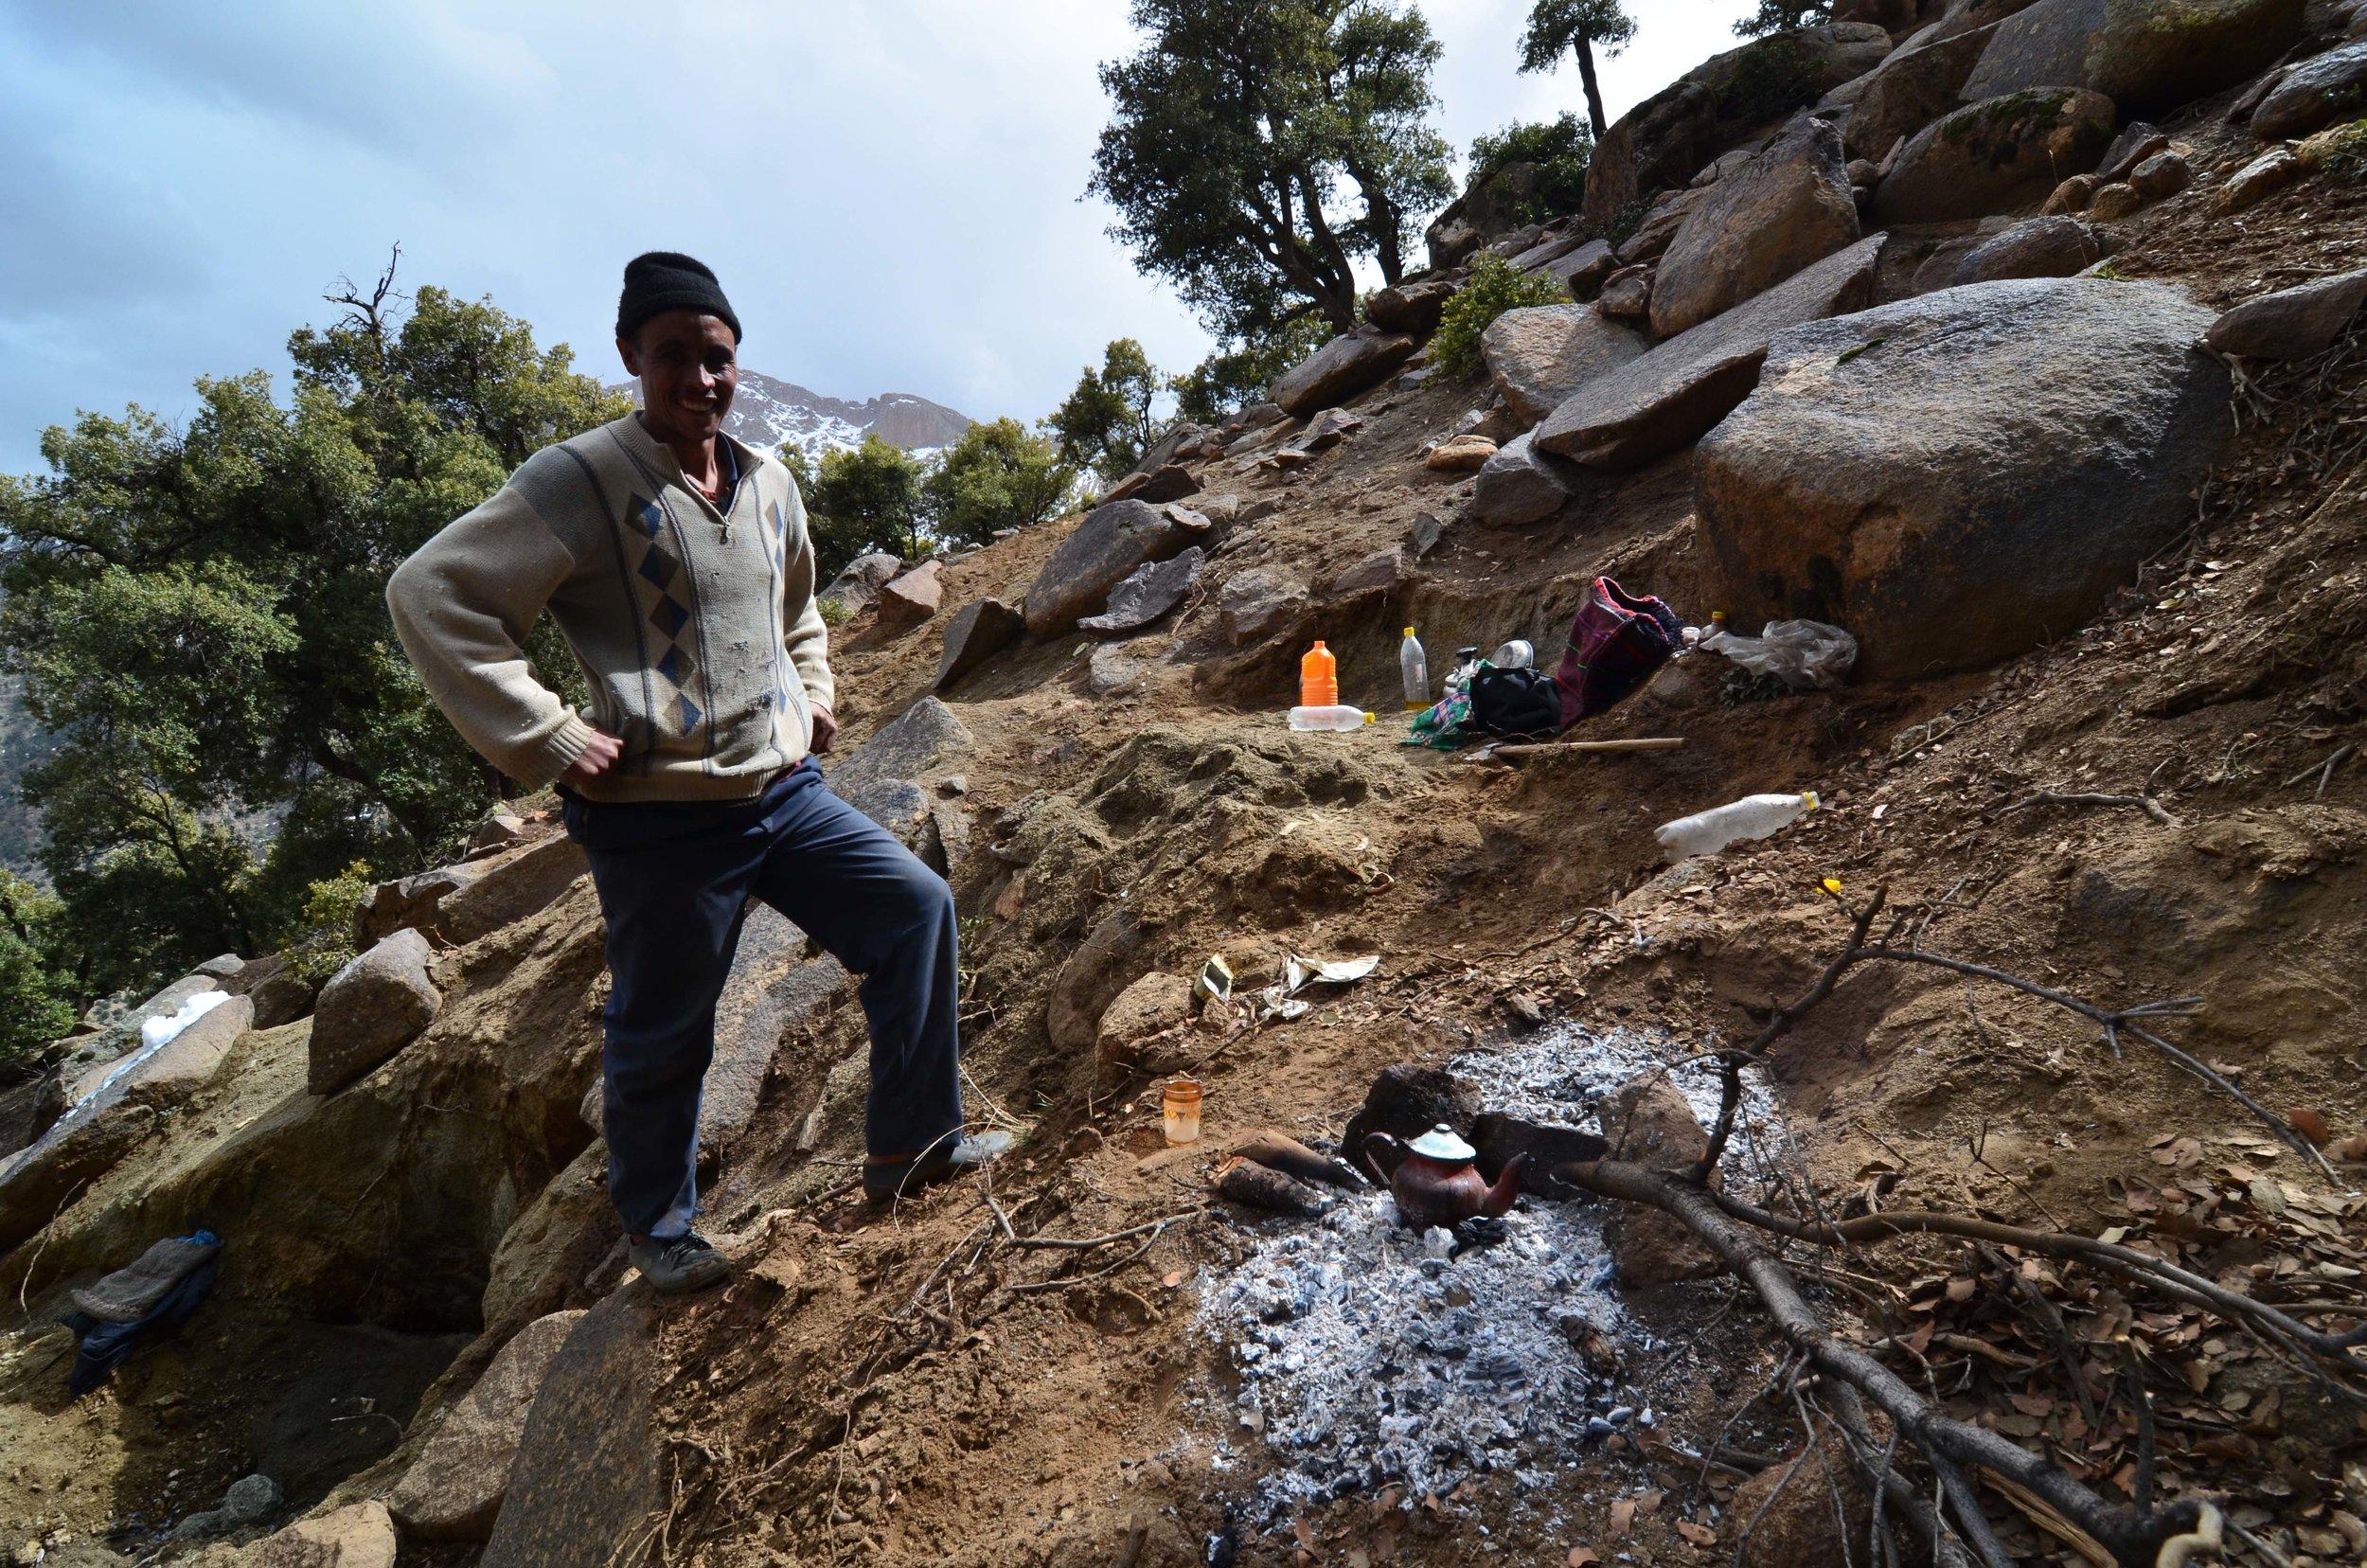 W obozowisku górnika poszukiwacza minerałów, gdzieś wysoko w górach Atlas w Maroku.